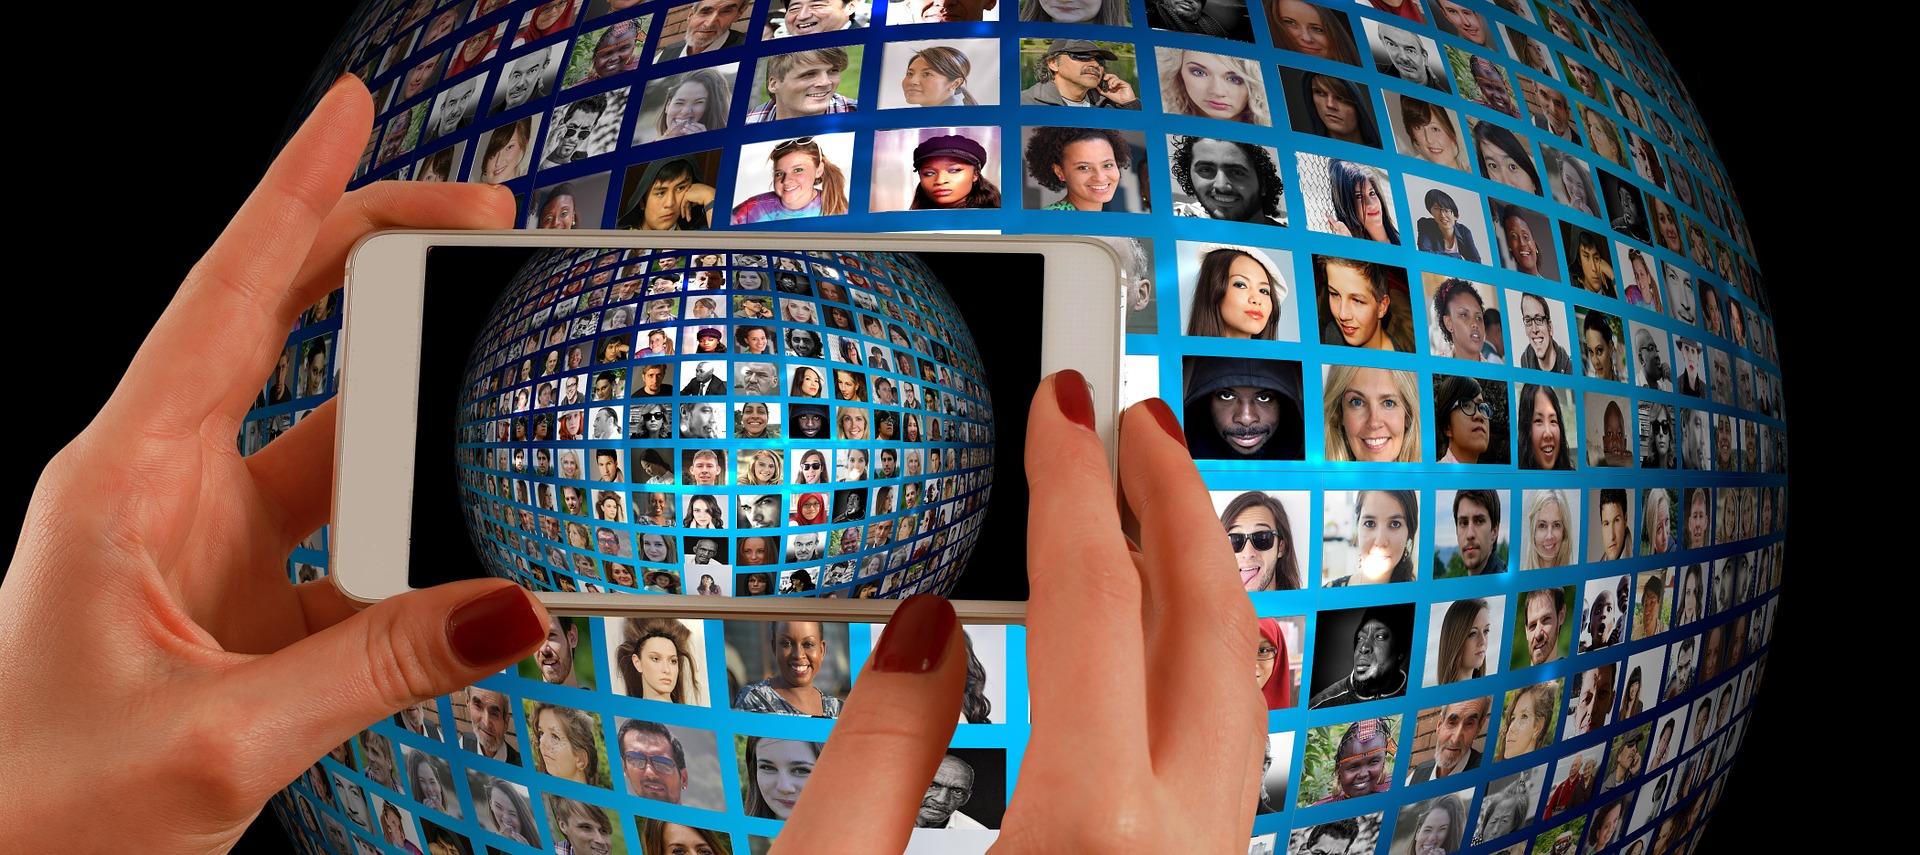 realidad aumentada, realidad virtual, tienda online, e-commerce, estrategia marketing